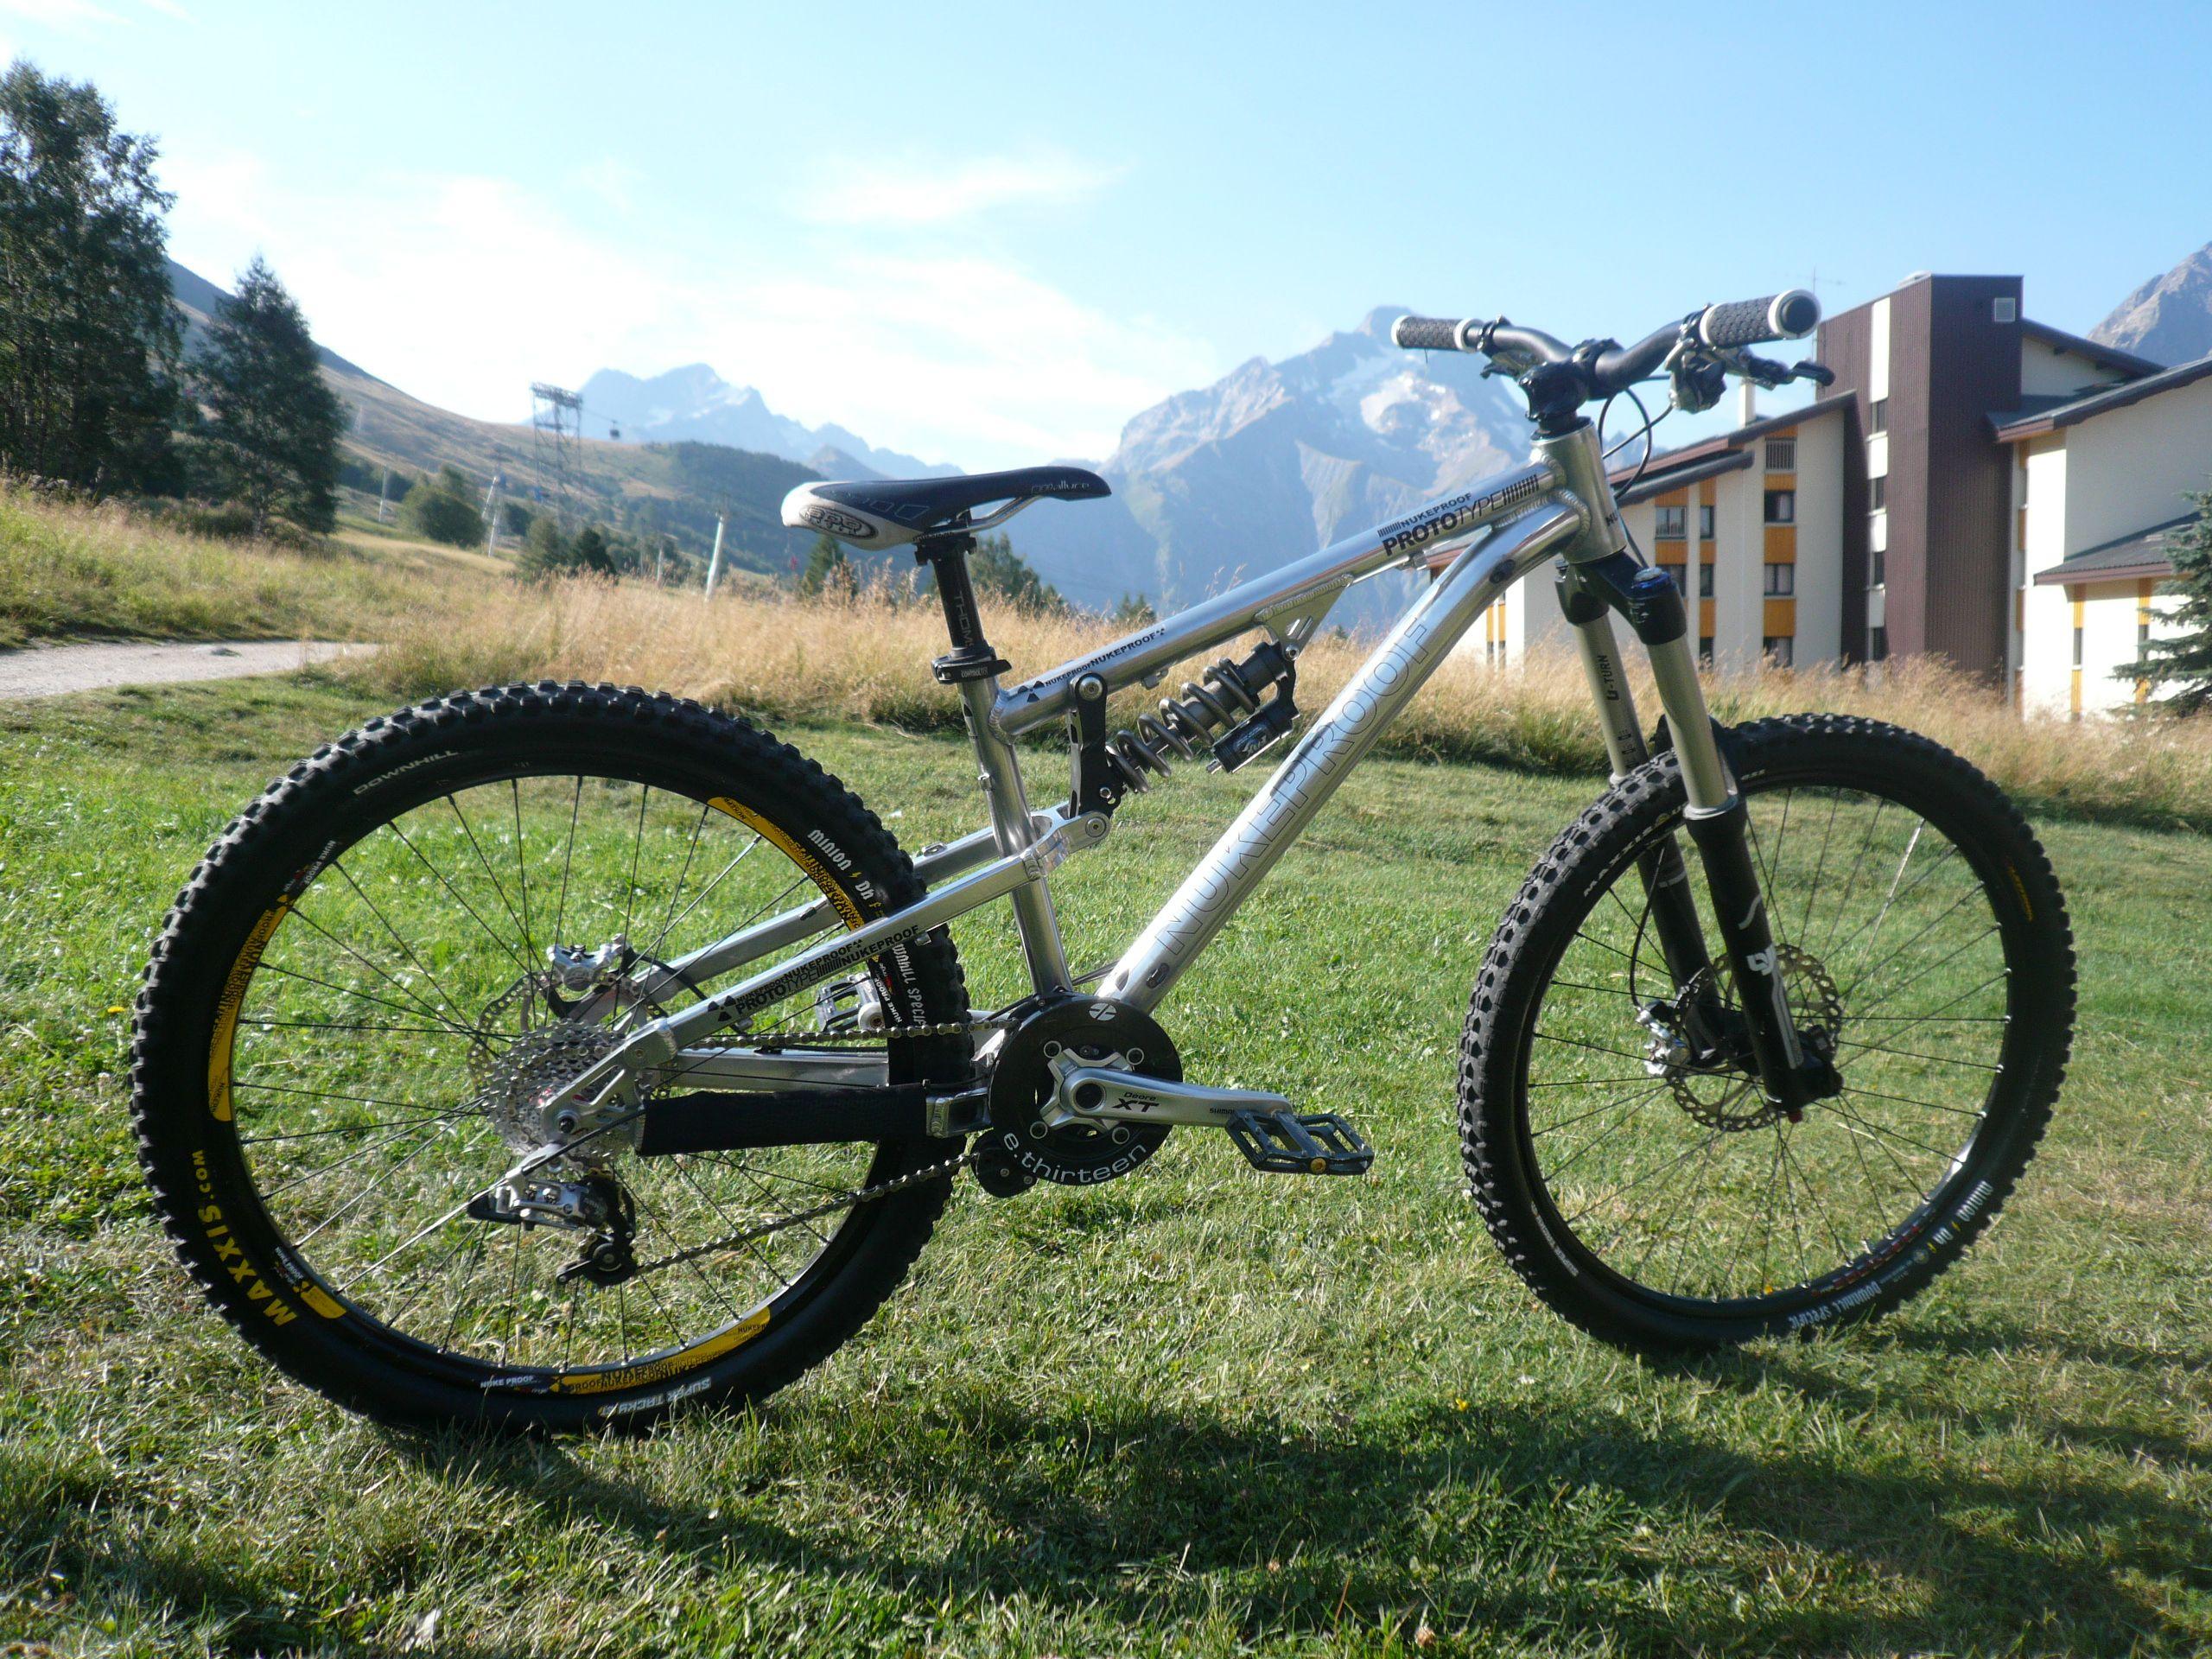 Old Vs New Nukeproof Mega Frame Bike Mountain Biking Olds